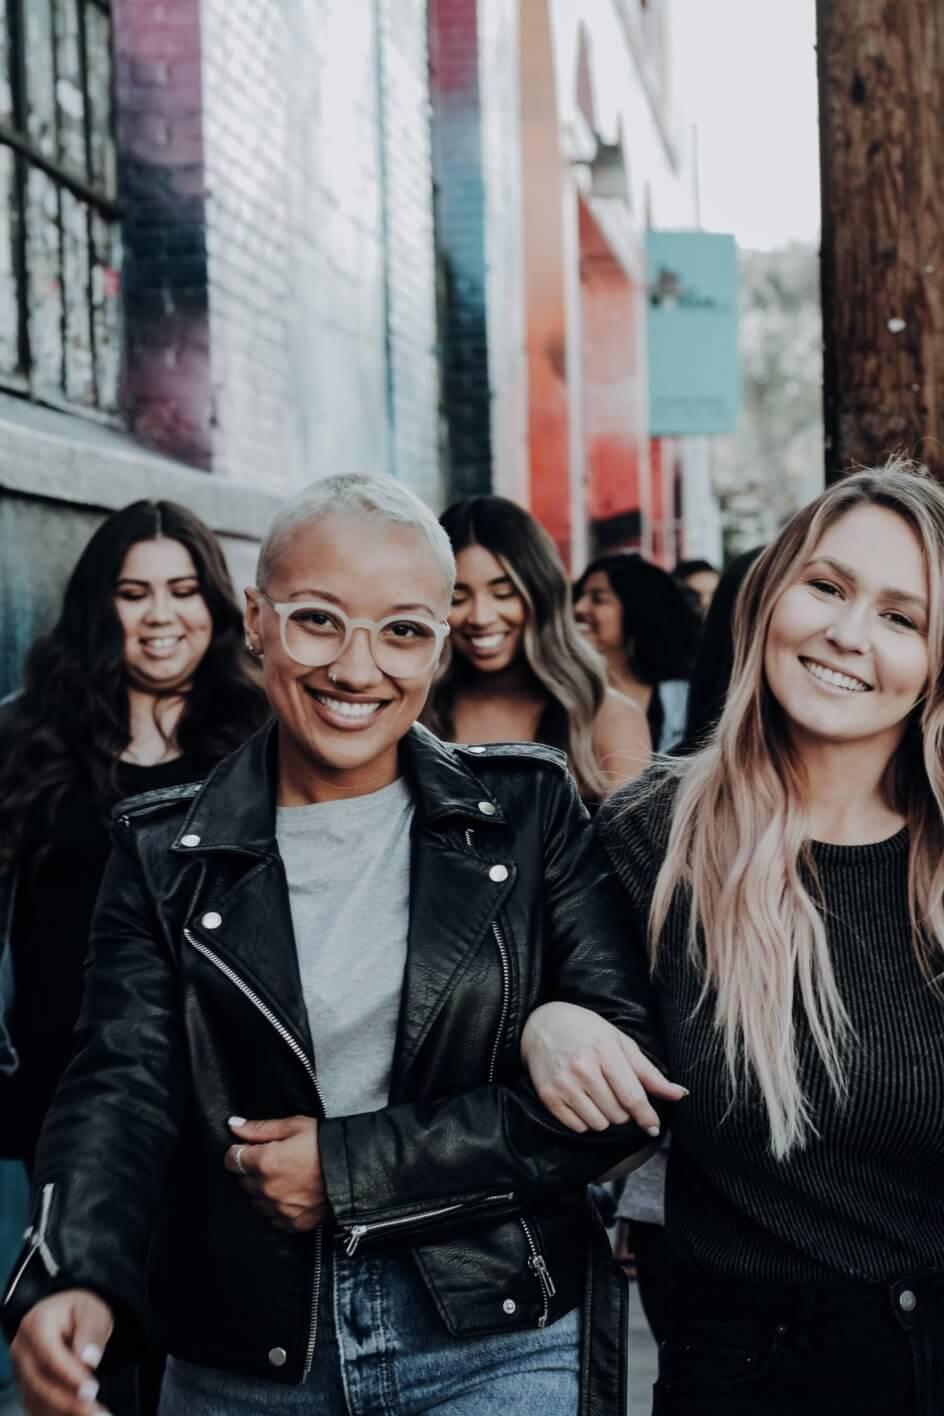 Group of smiling women walking toward camera